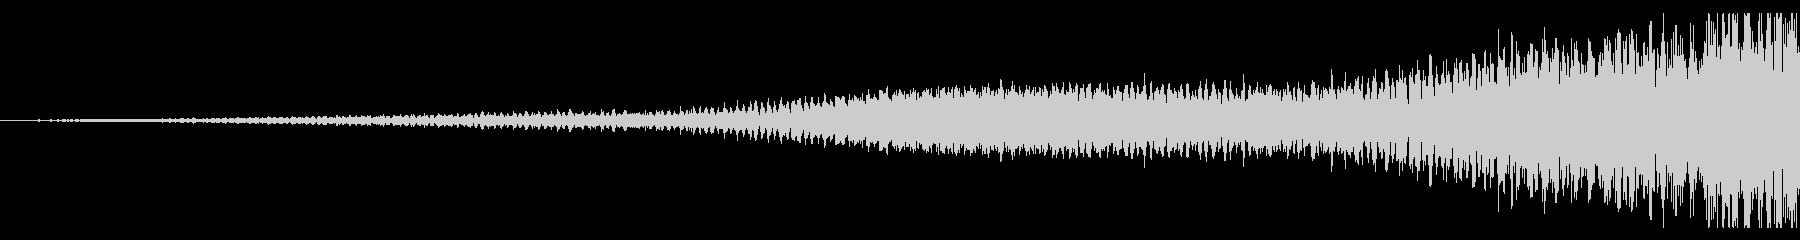 【迫る音】ピアノのリバース音(短め)の未再生の波形